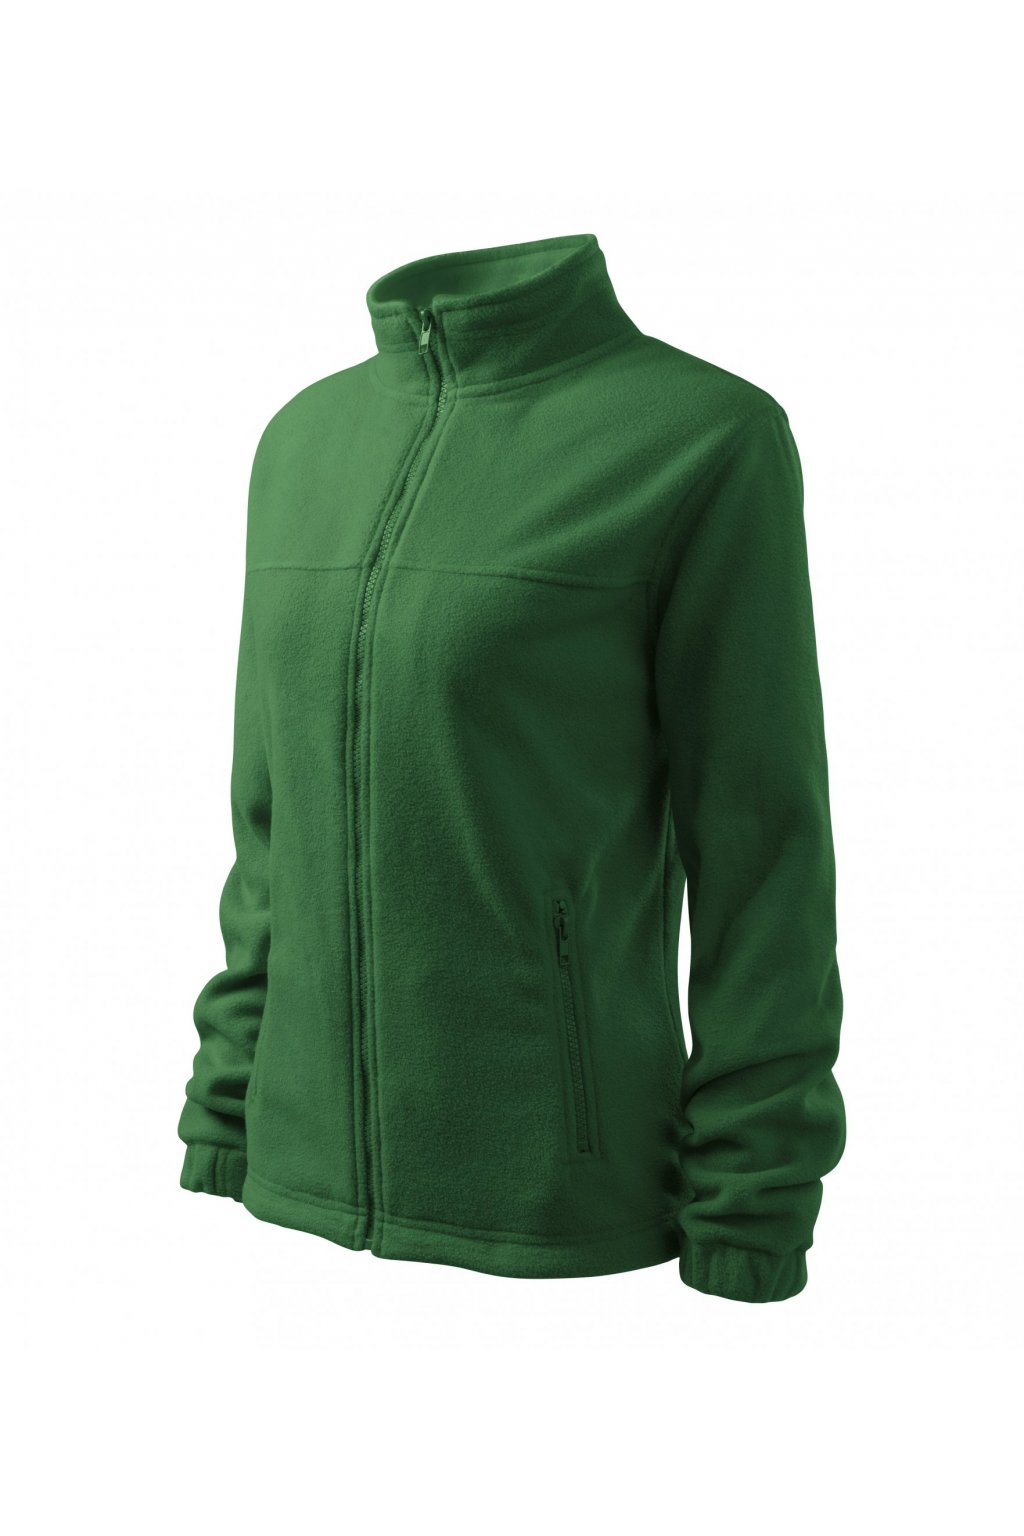 Jacket 504 Fleece dámský